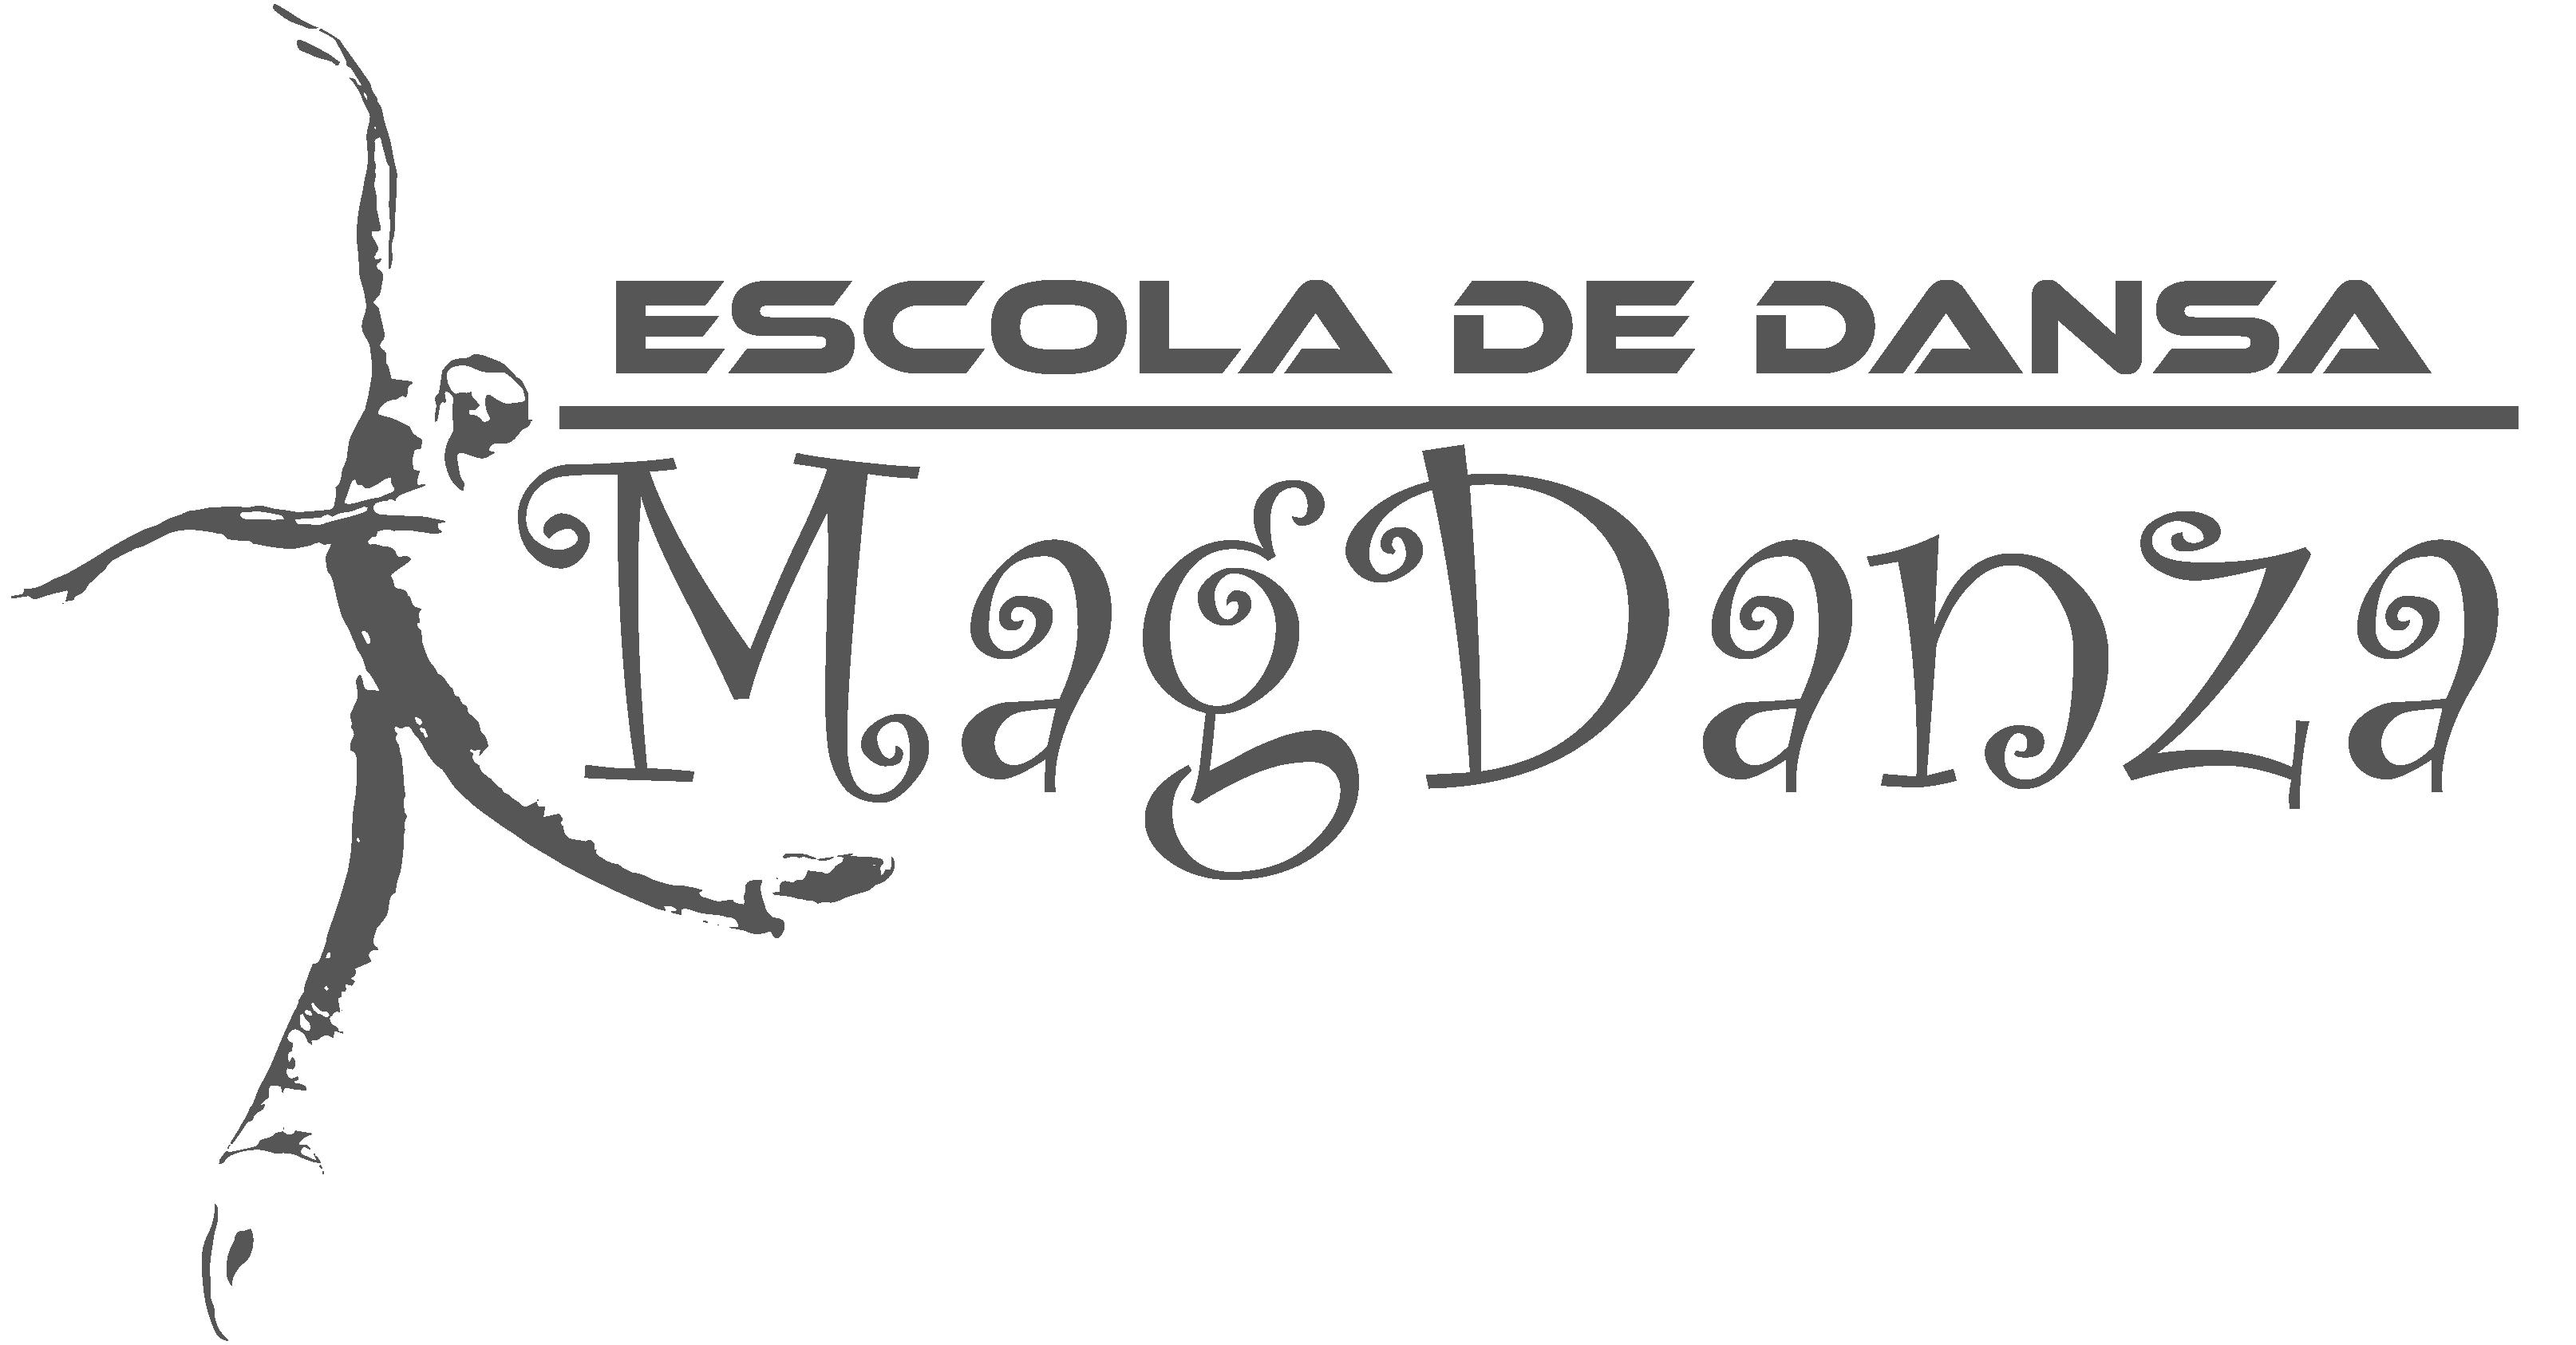 MagDanza